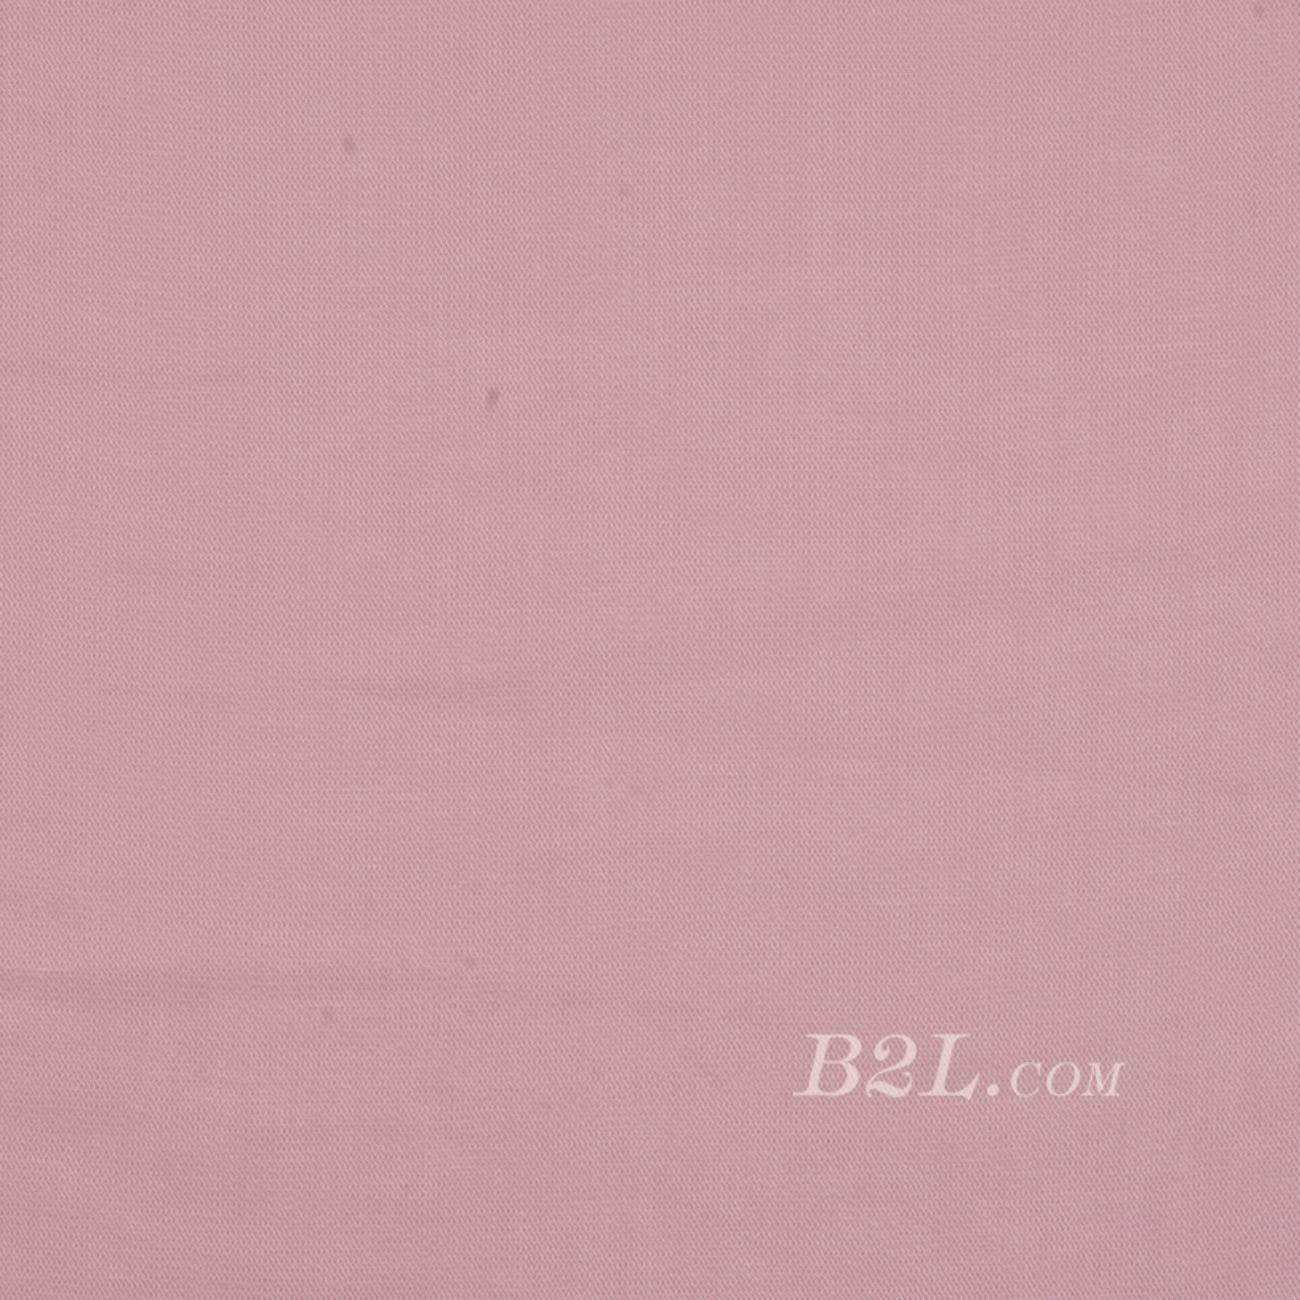 素色 梭织 染色 低弹 细腻 天丝 春秋 连衣裙 衬衫 81011-15